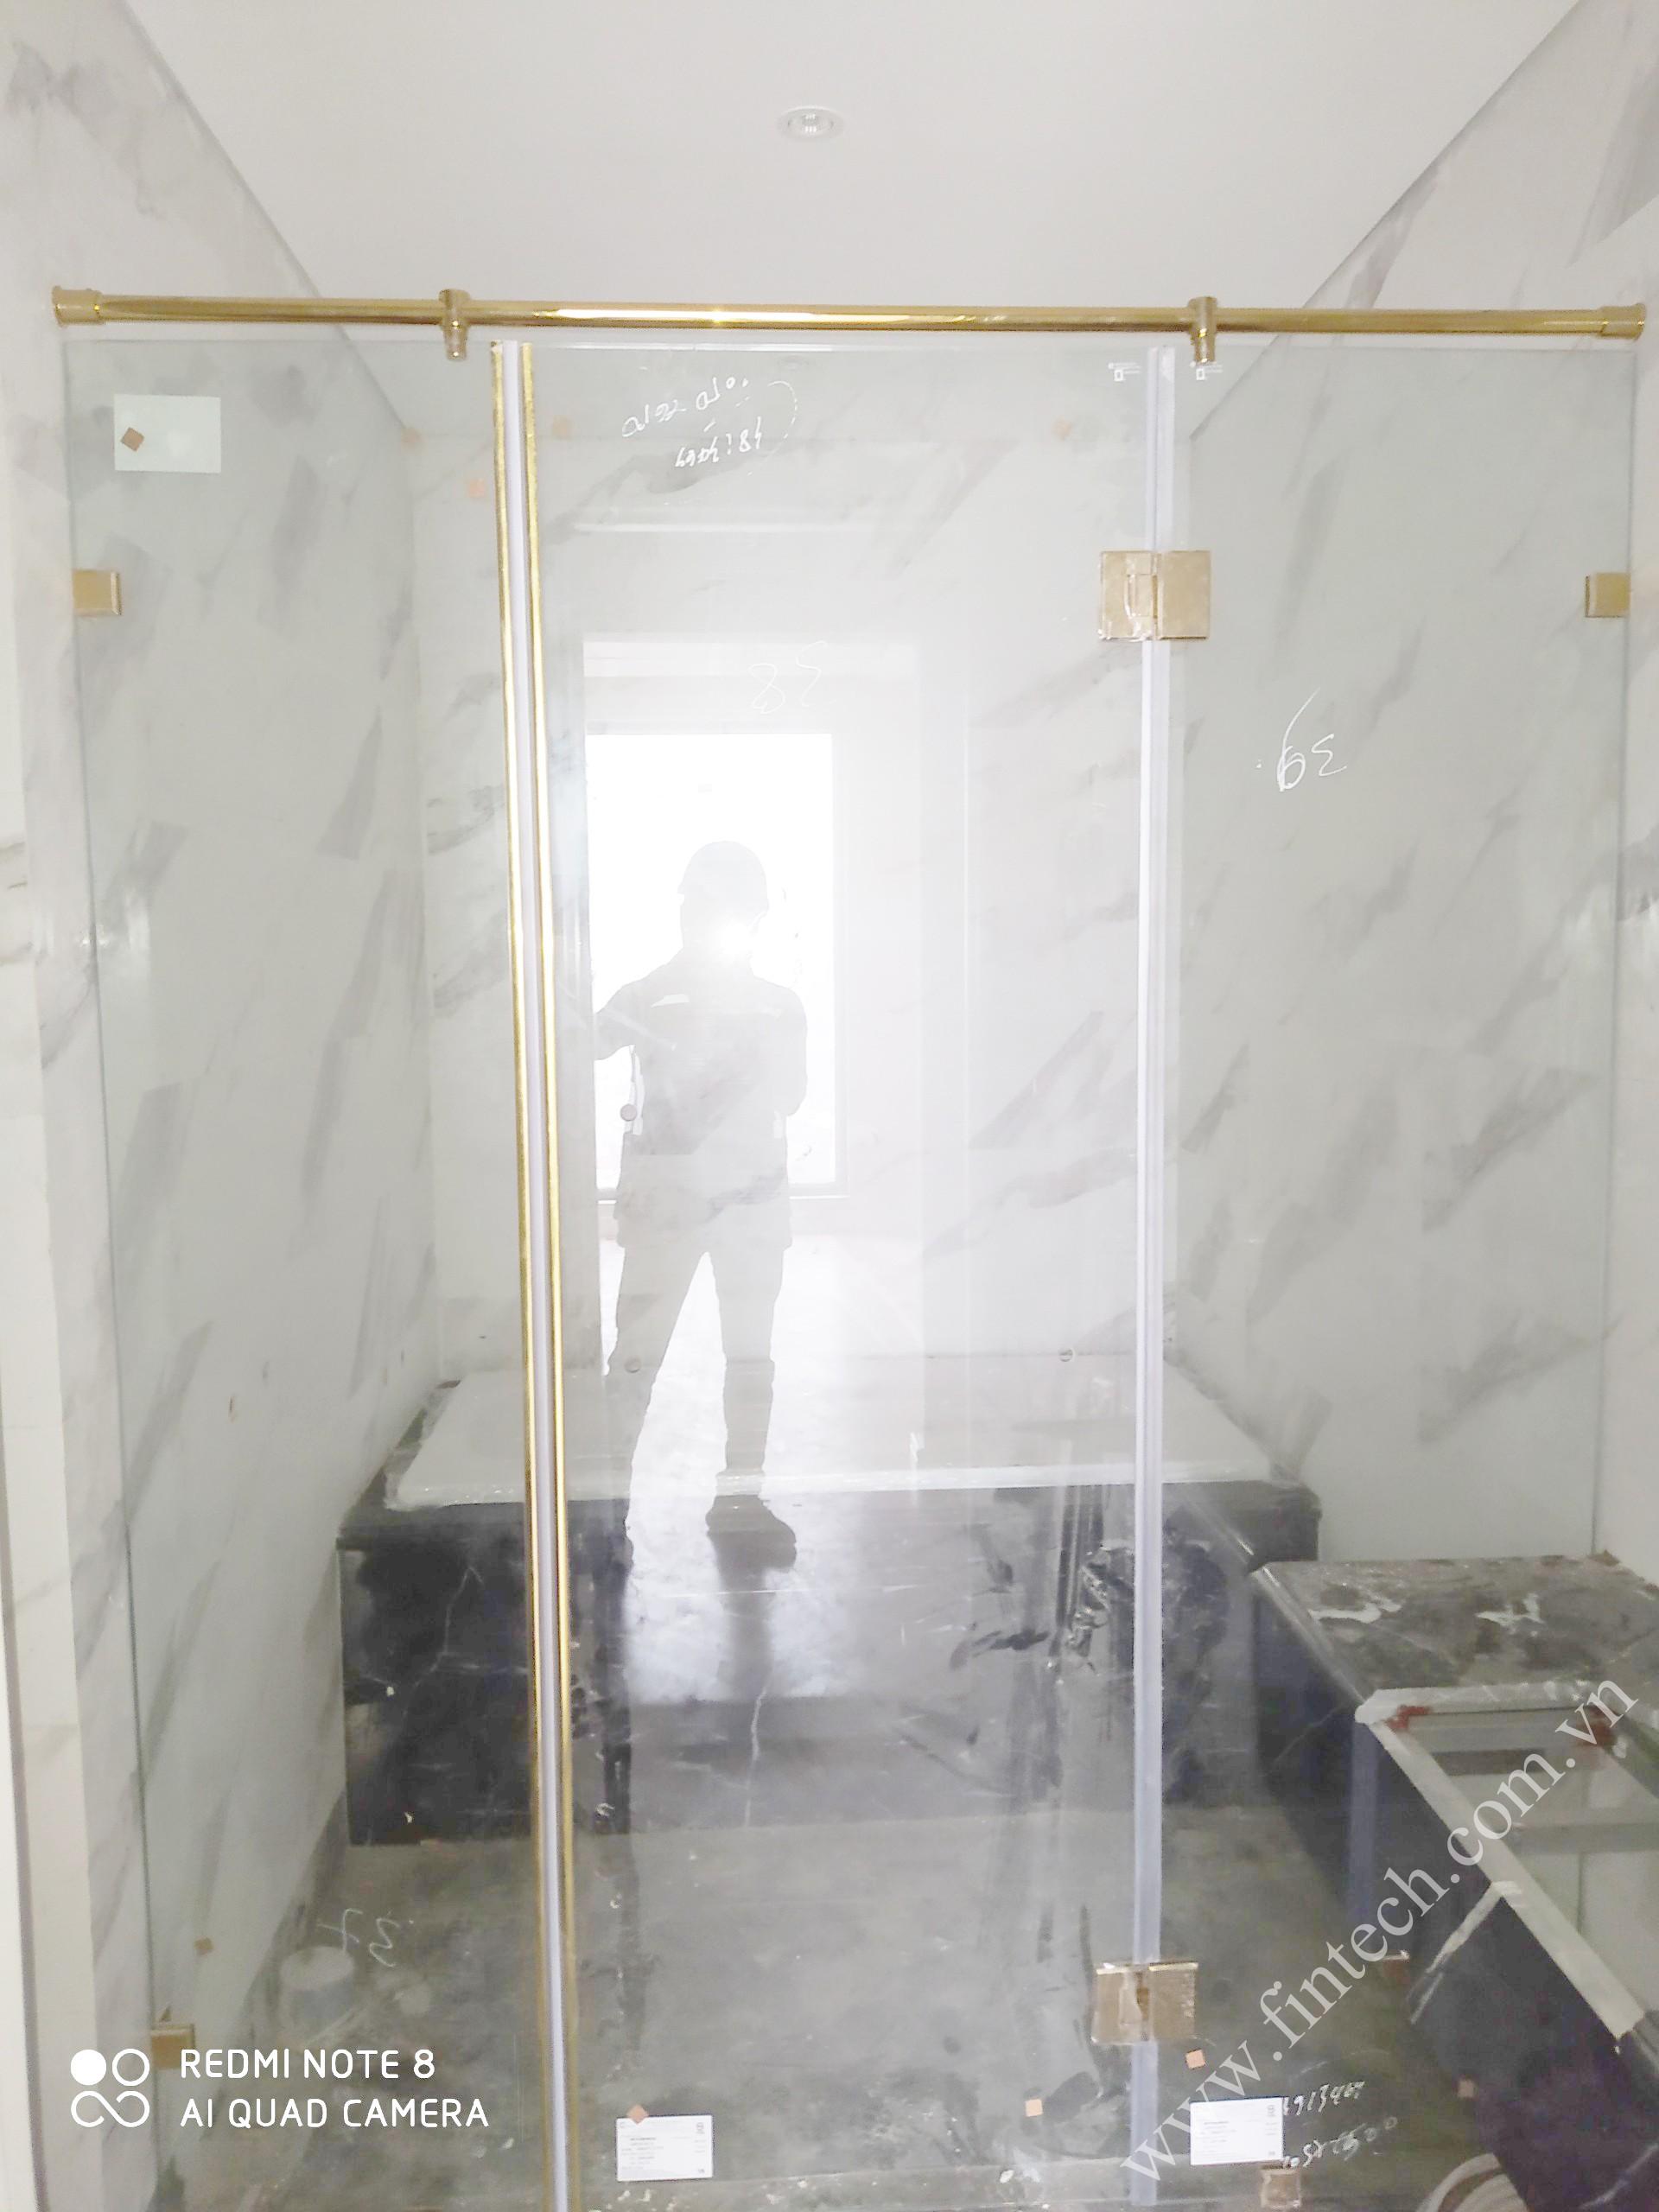 Cabin tắm VIP loại to sau khi lắp đặt hoàn thiện